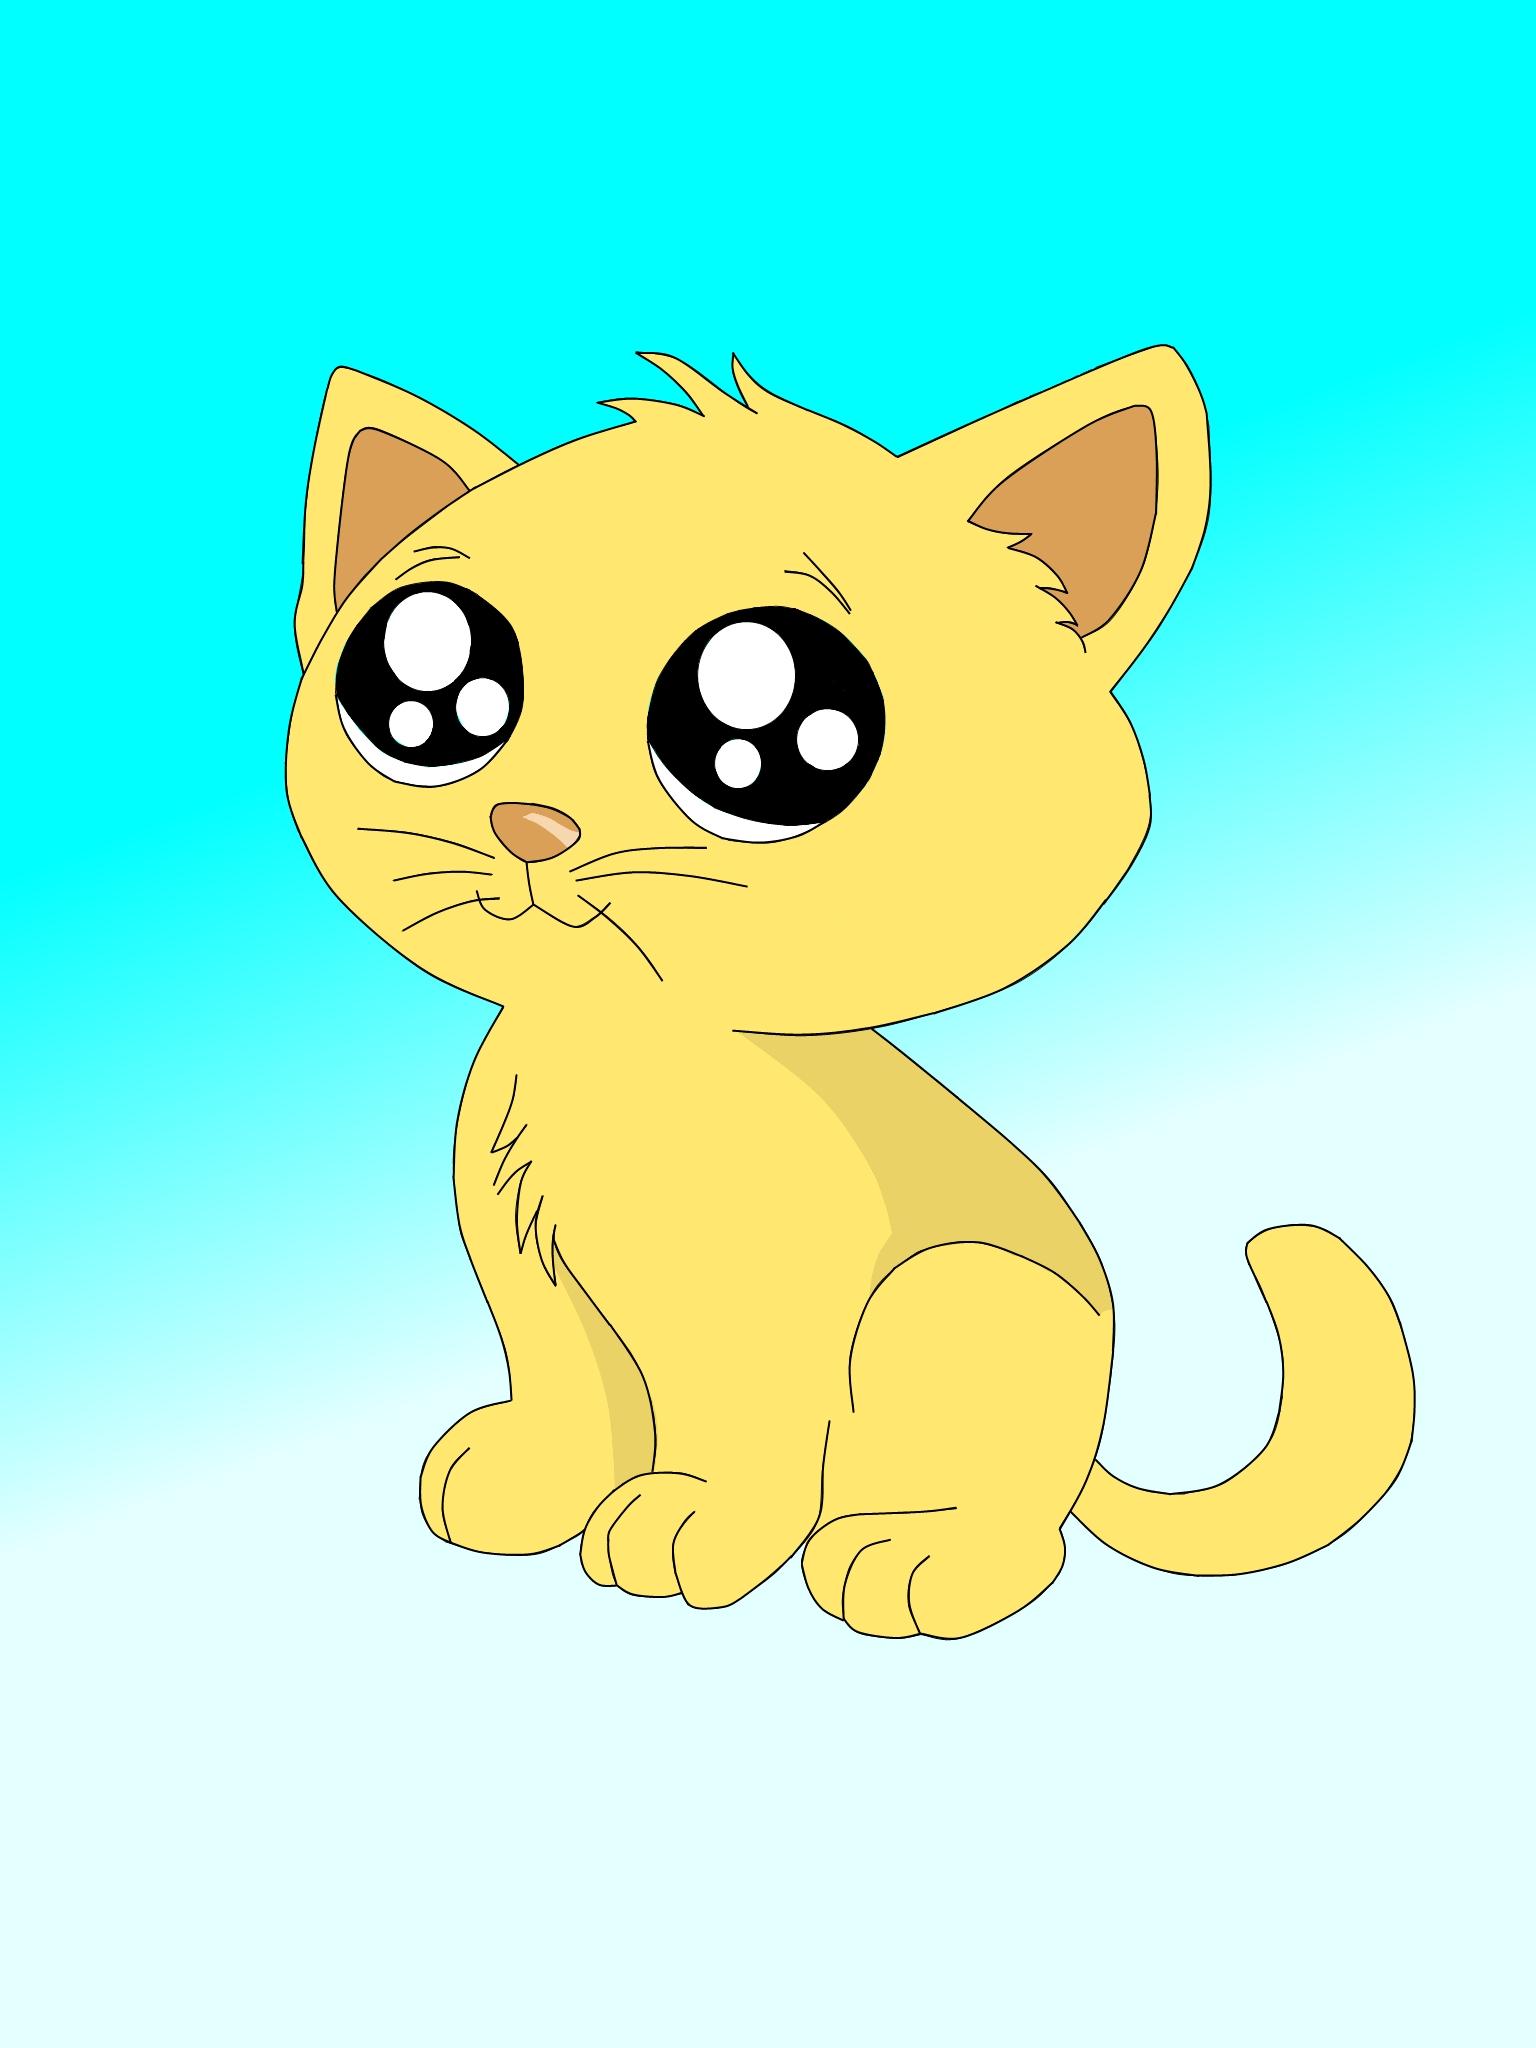 Cute Kitten by Amypink2 on DeviantArt